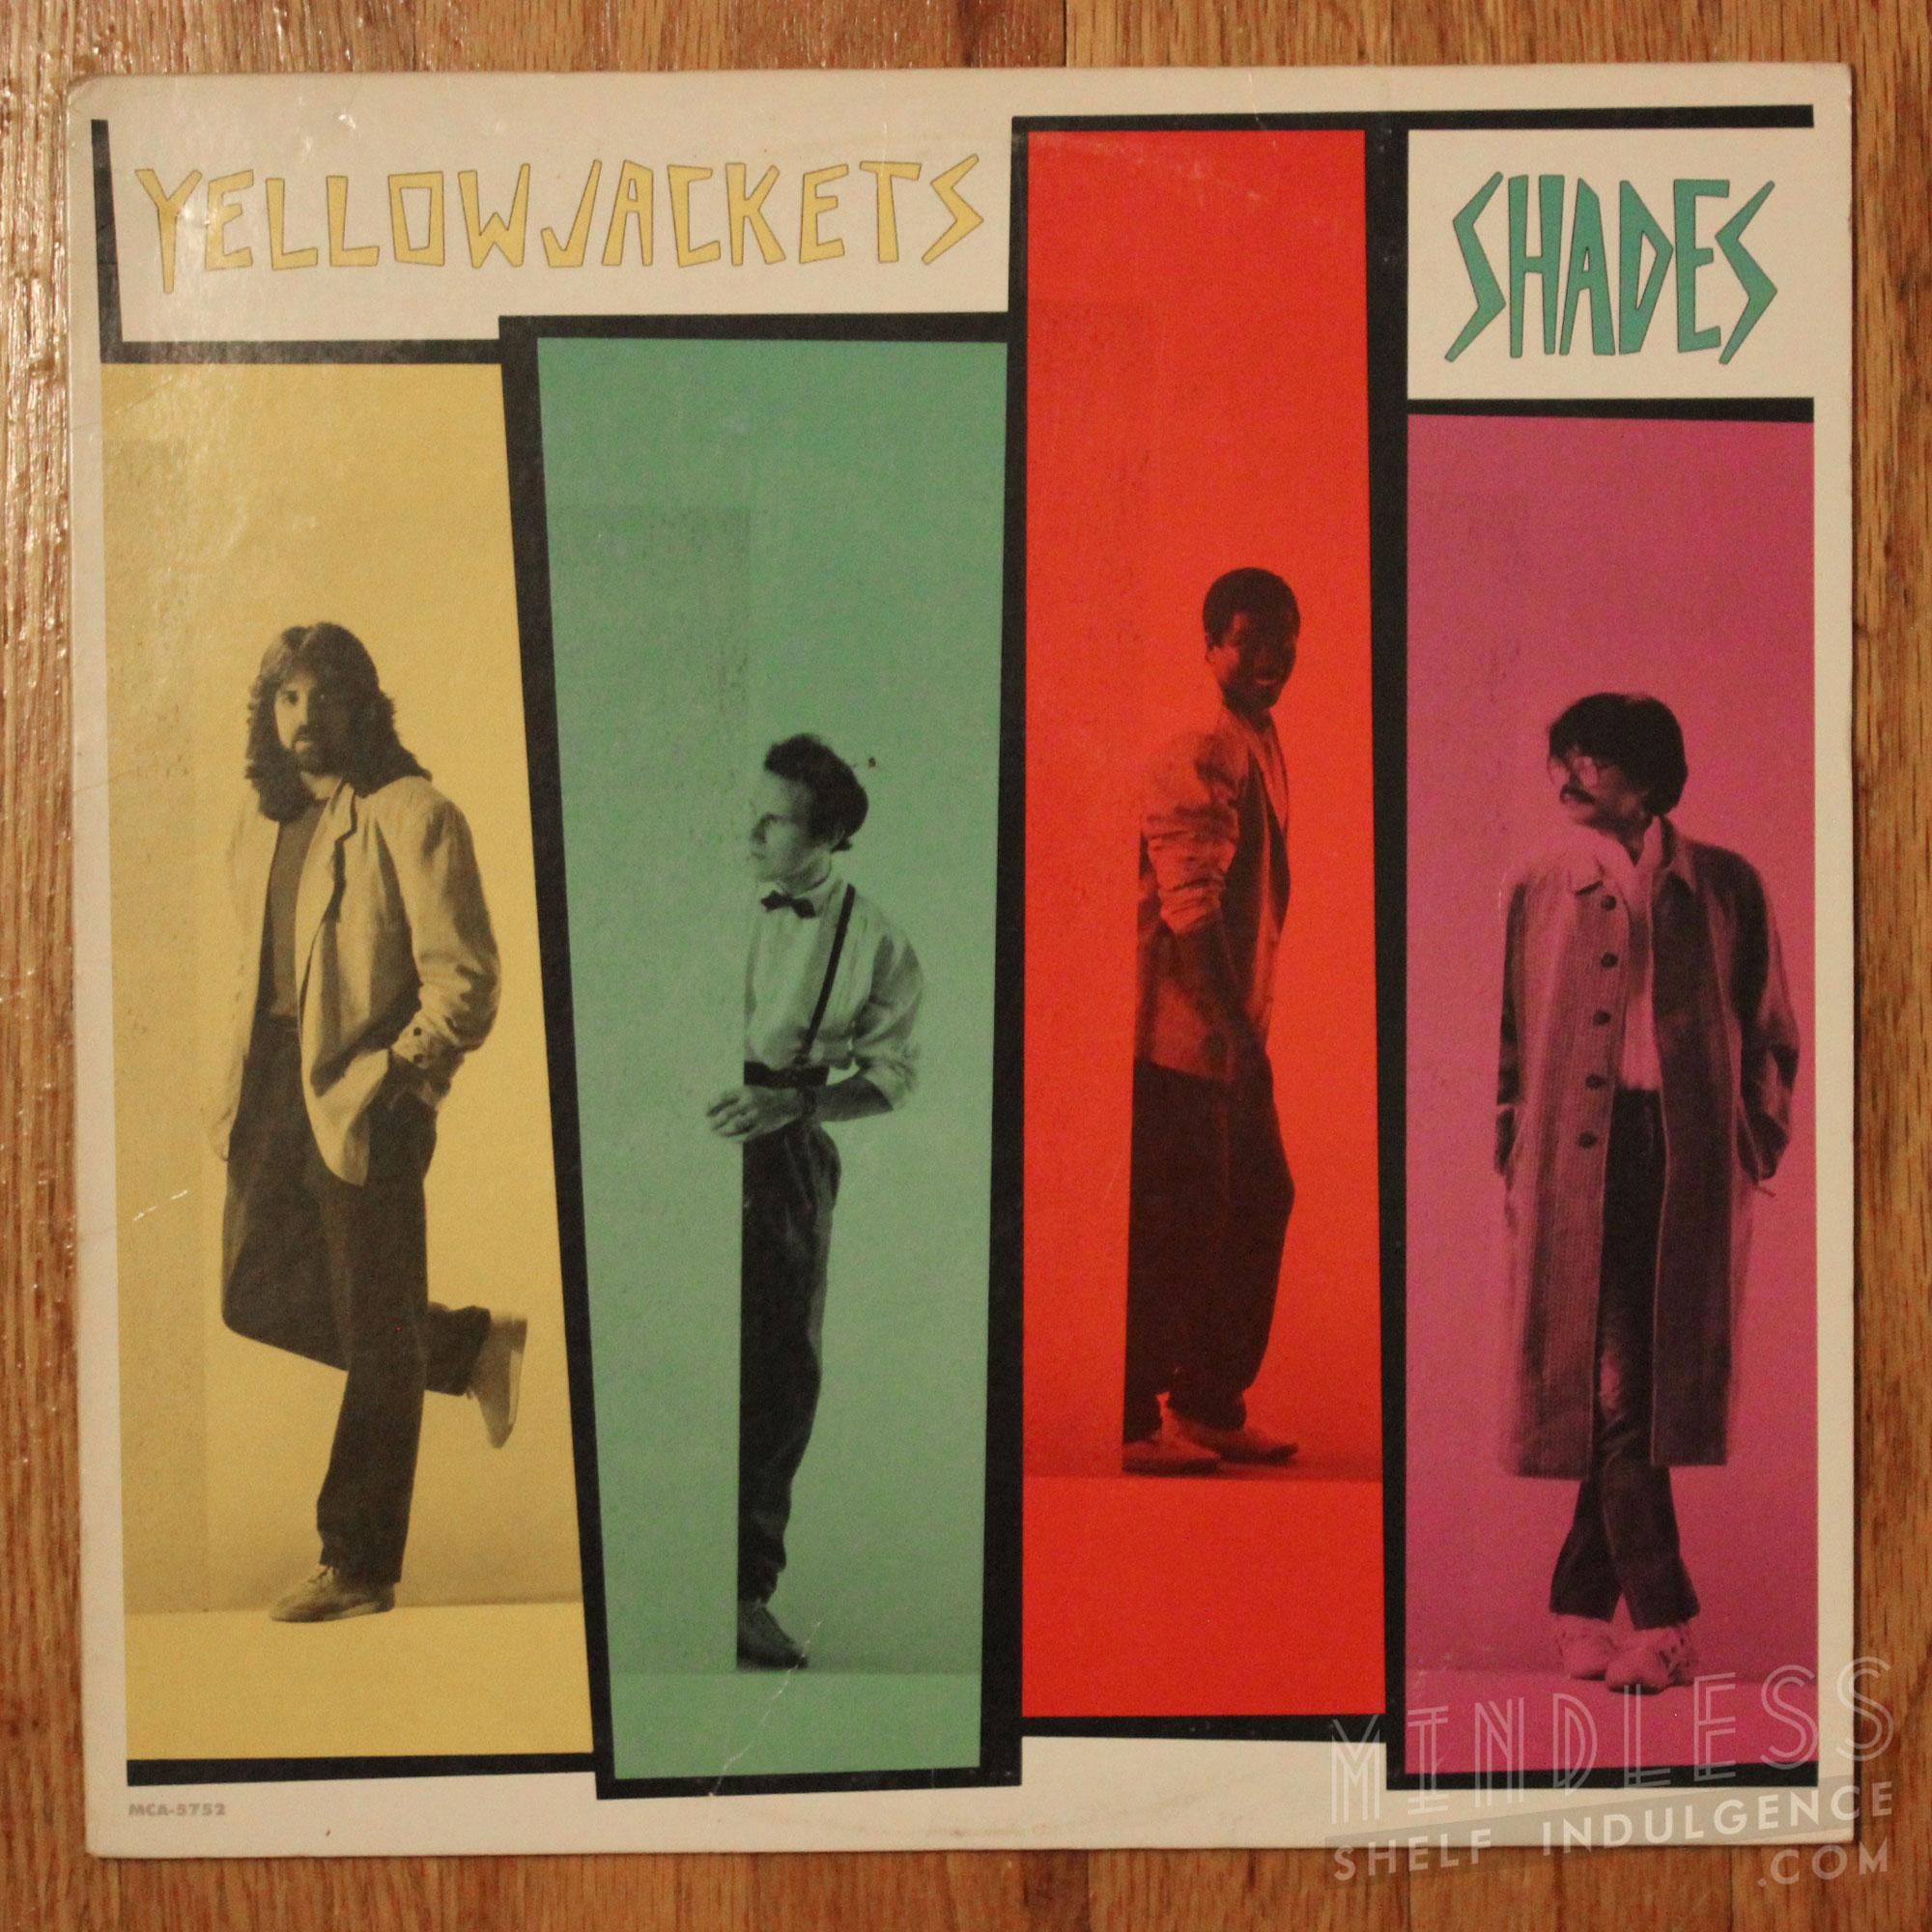 Yellowjackets Shades LP